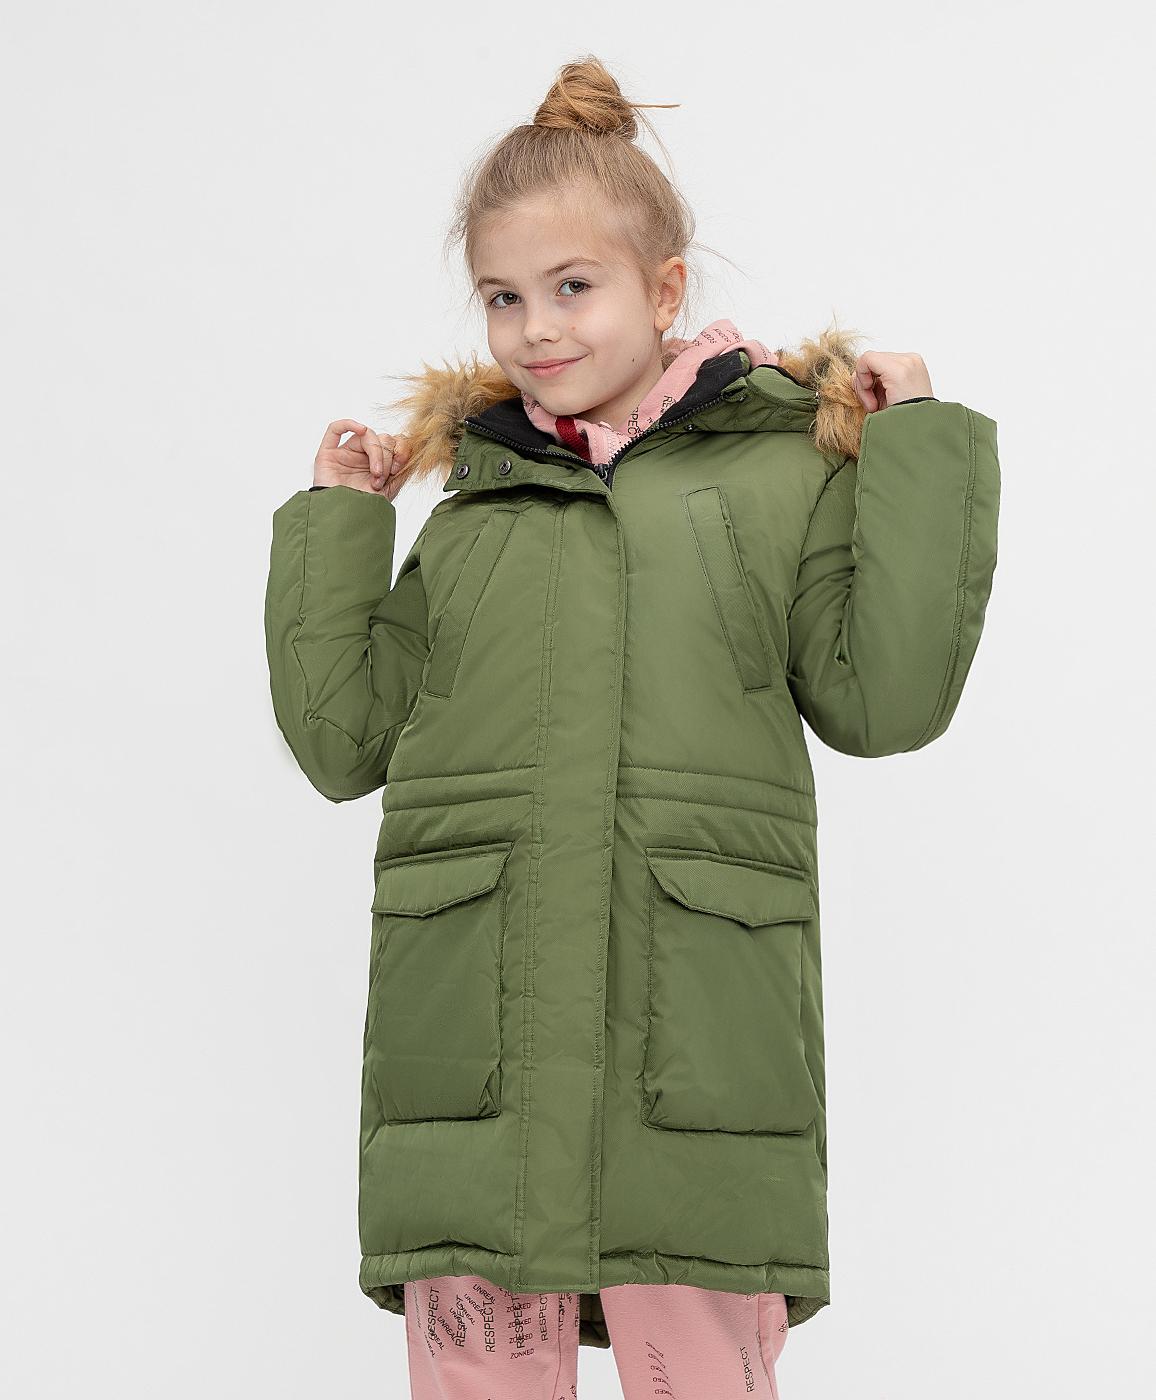 Купить 221BBGJC45034400, Пальто зимнее с капюшоном Button Blue, хаки, 140, Хлопок, Женский, Зима, ОСЕНЬ/ЗИМА 2021-2022 (shop: GulliverMarket Gulliver Market)